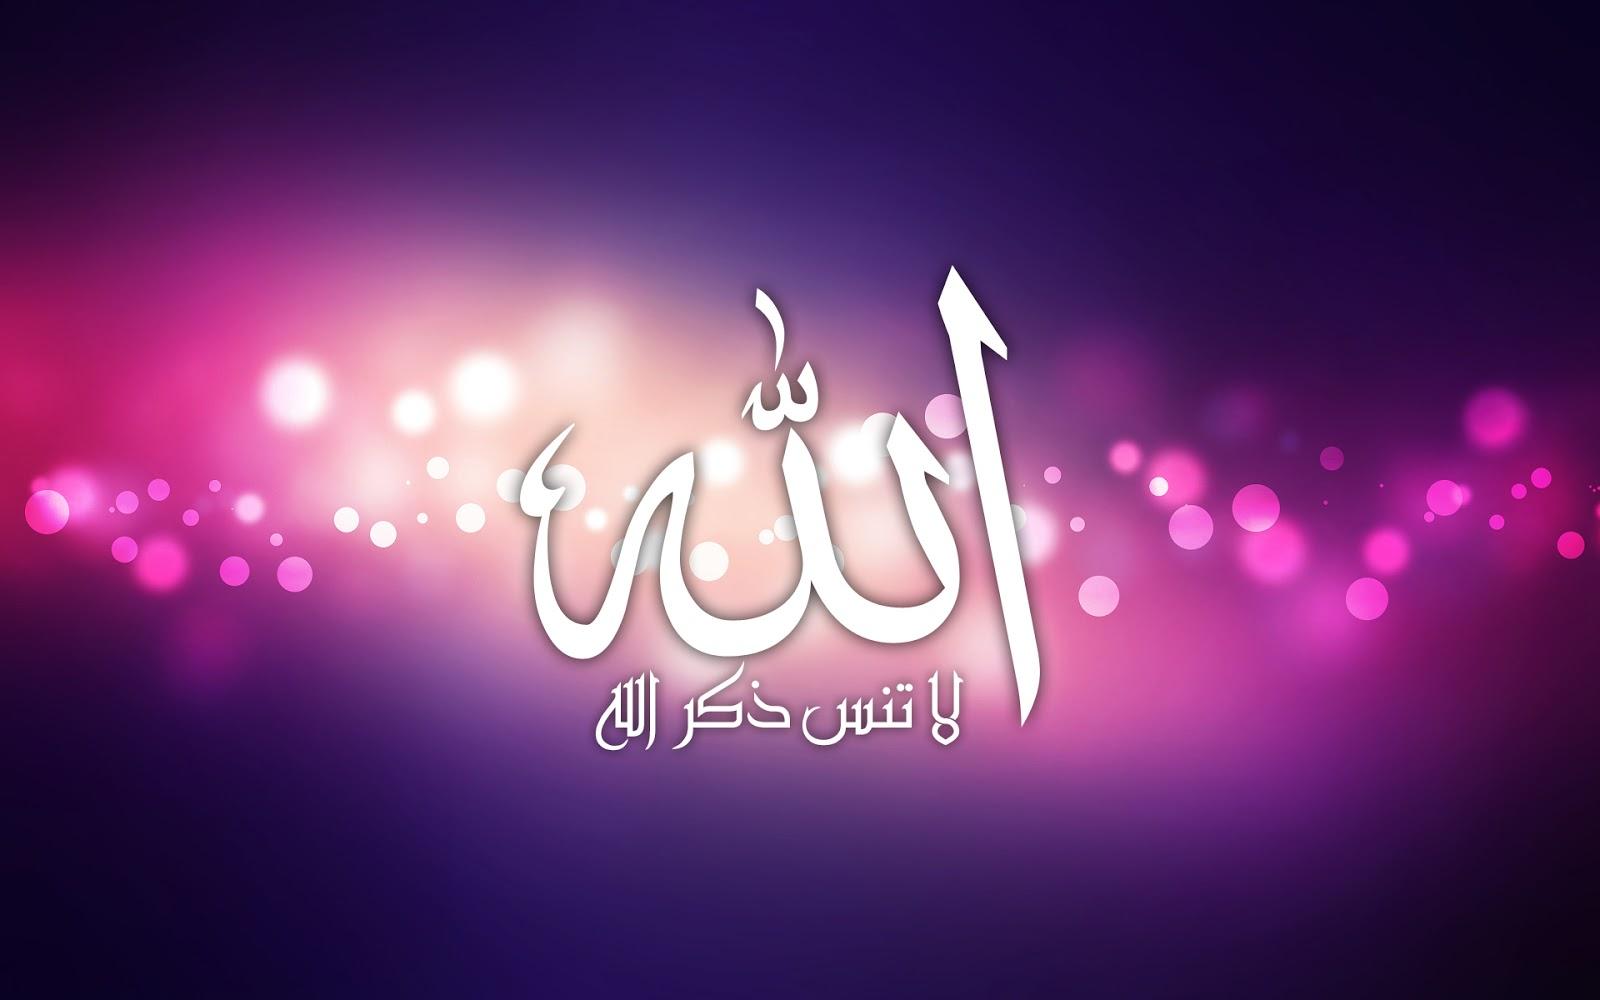 بالصور اجمل الصور الدينية , احلى الرمزيات الاسلاميه للنشر 3066 1